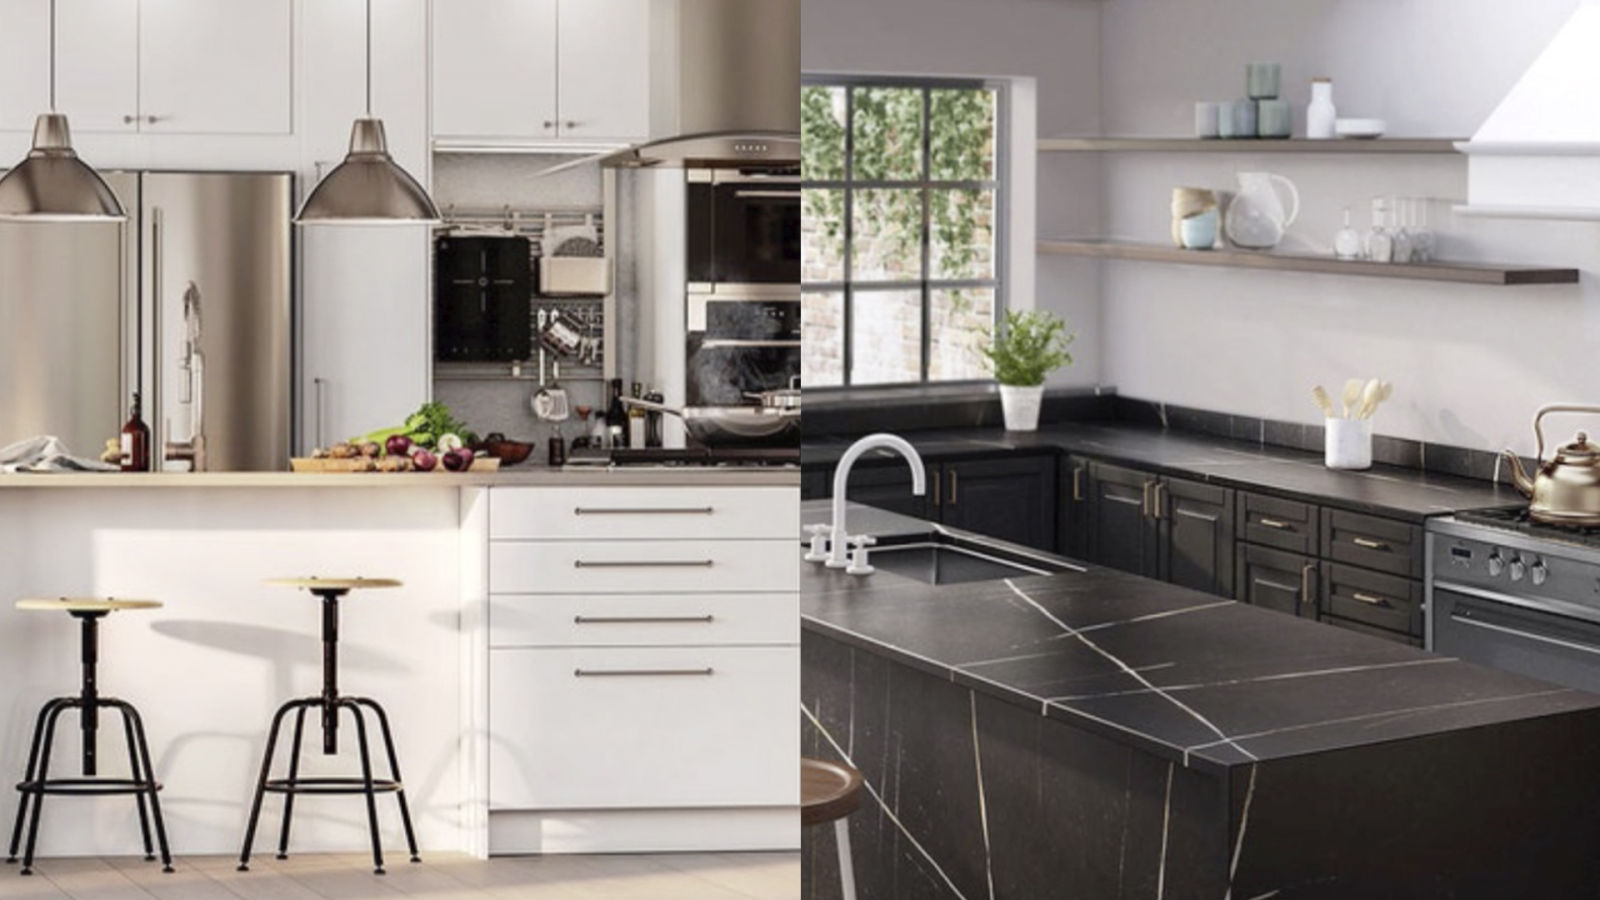 Cocinas: islas, minimalismo o madera. Las últimas tendencias que necesitas conocer